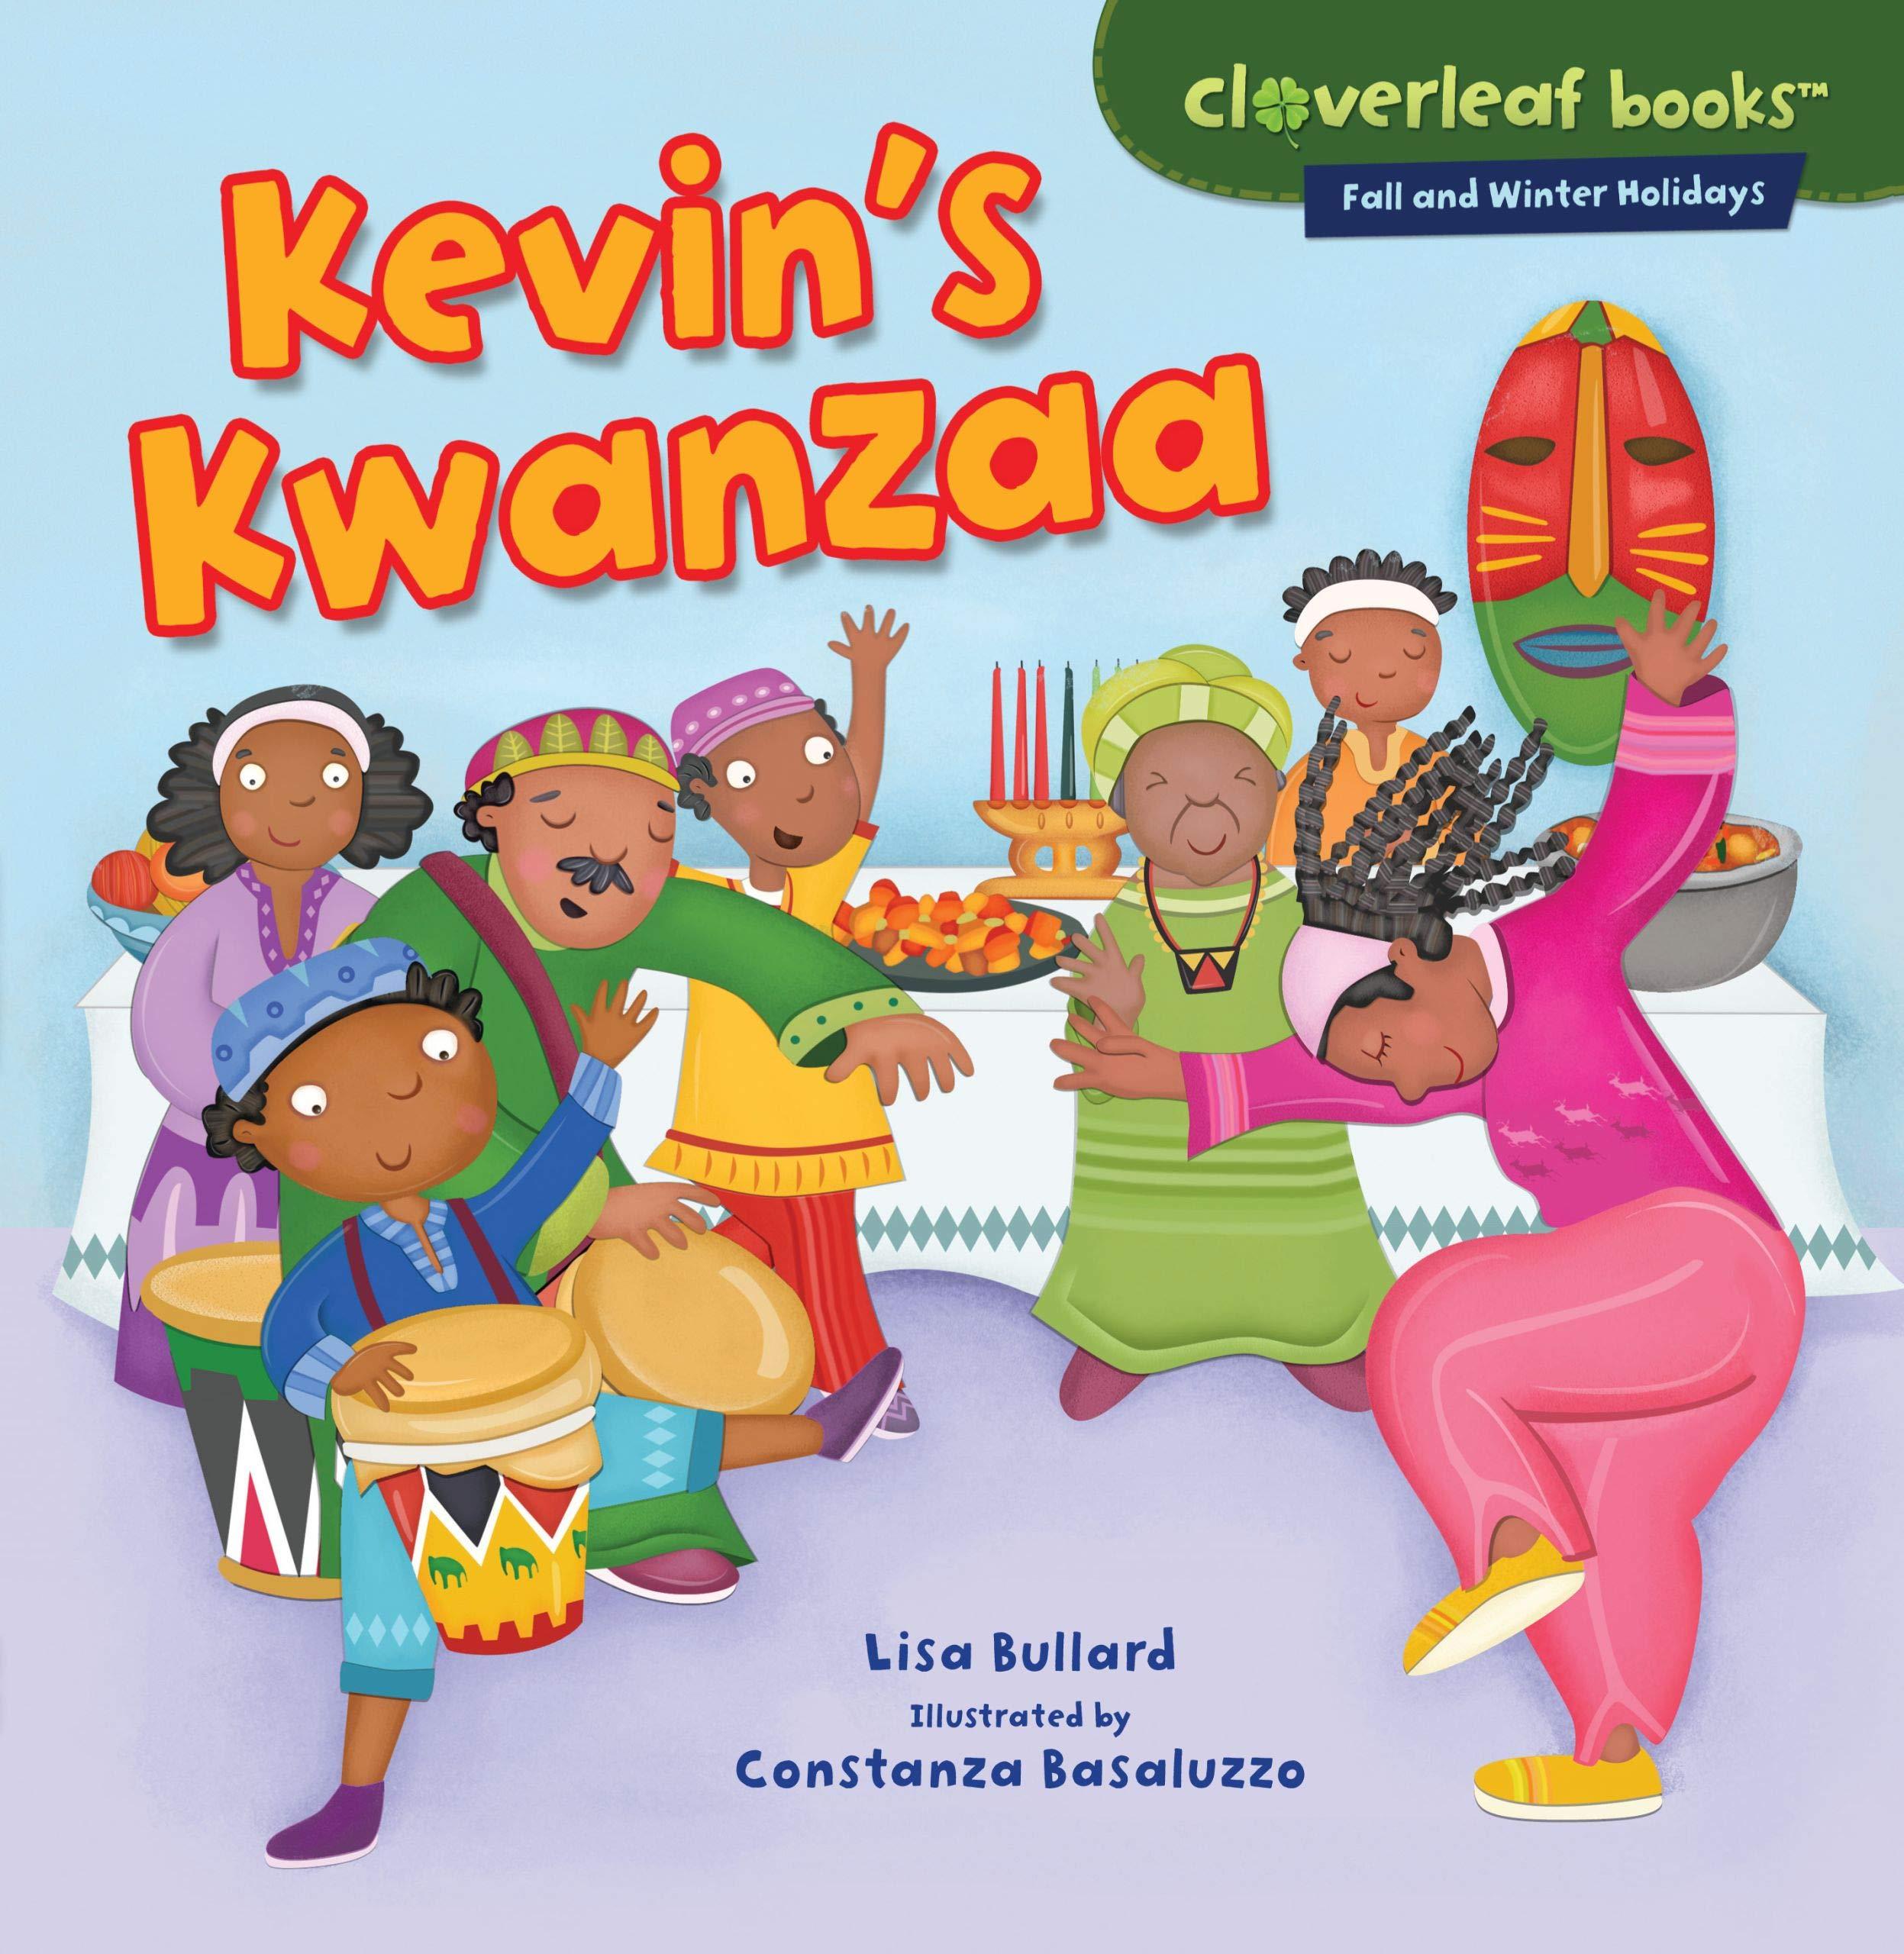 Kevin's Kwanzaa by Lisa Bullard